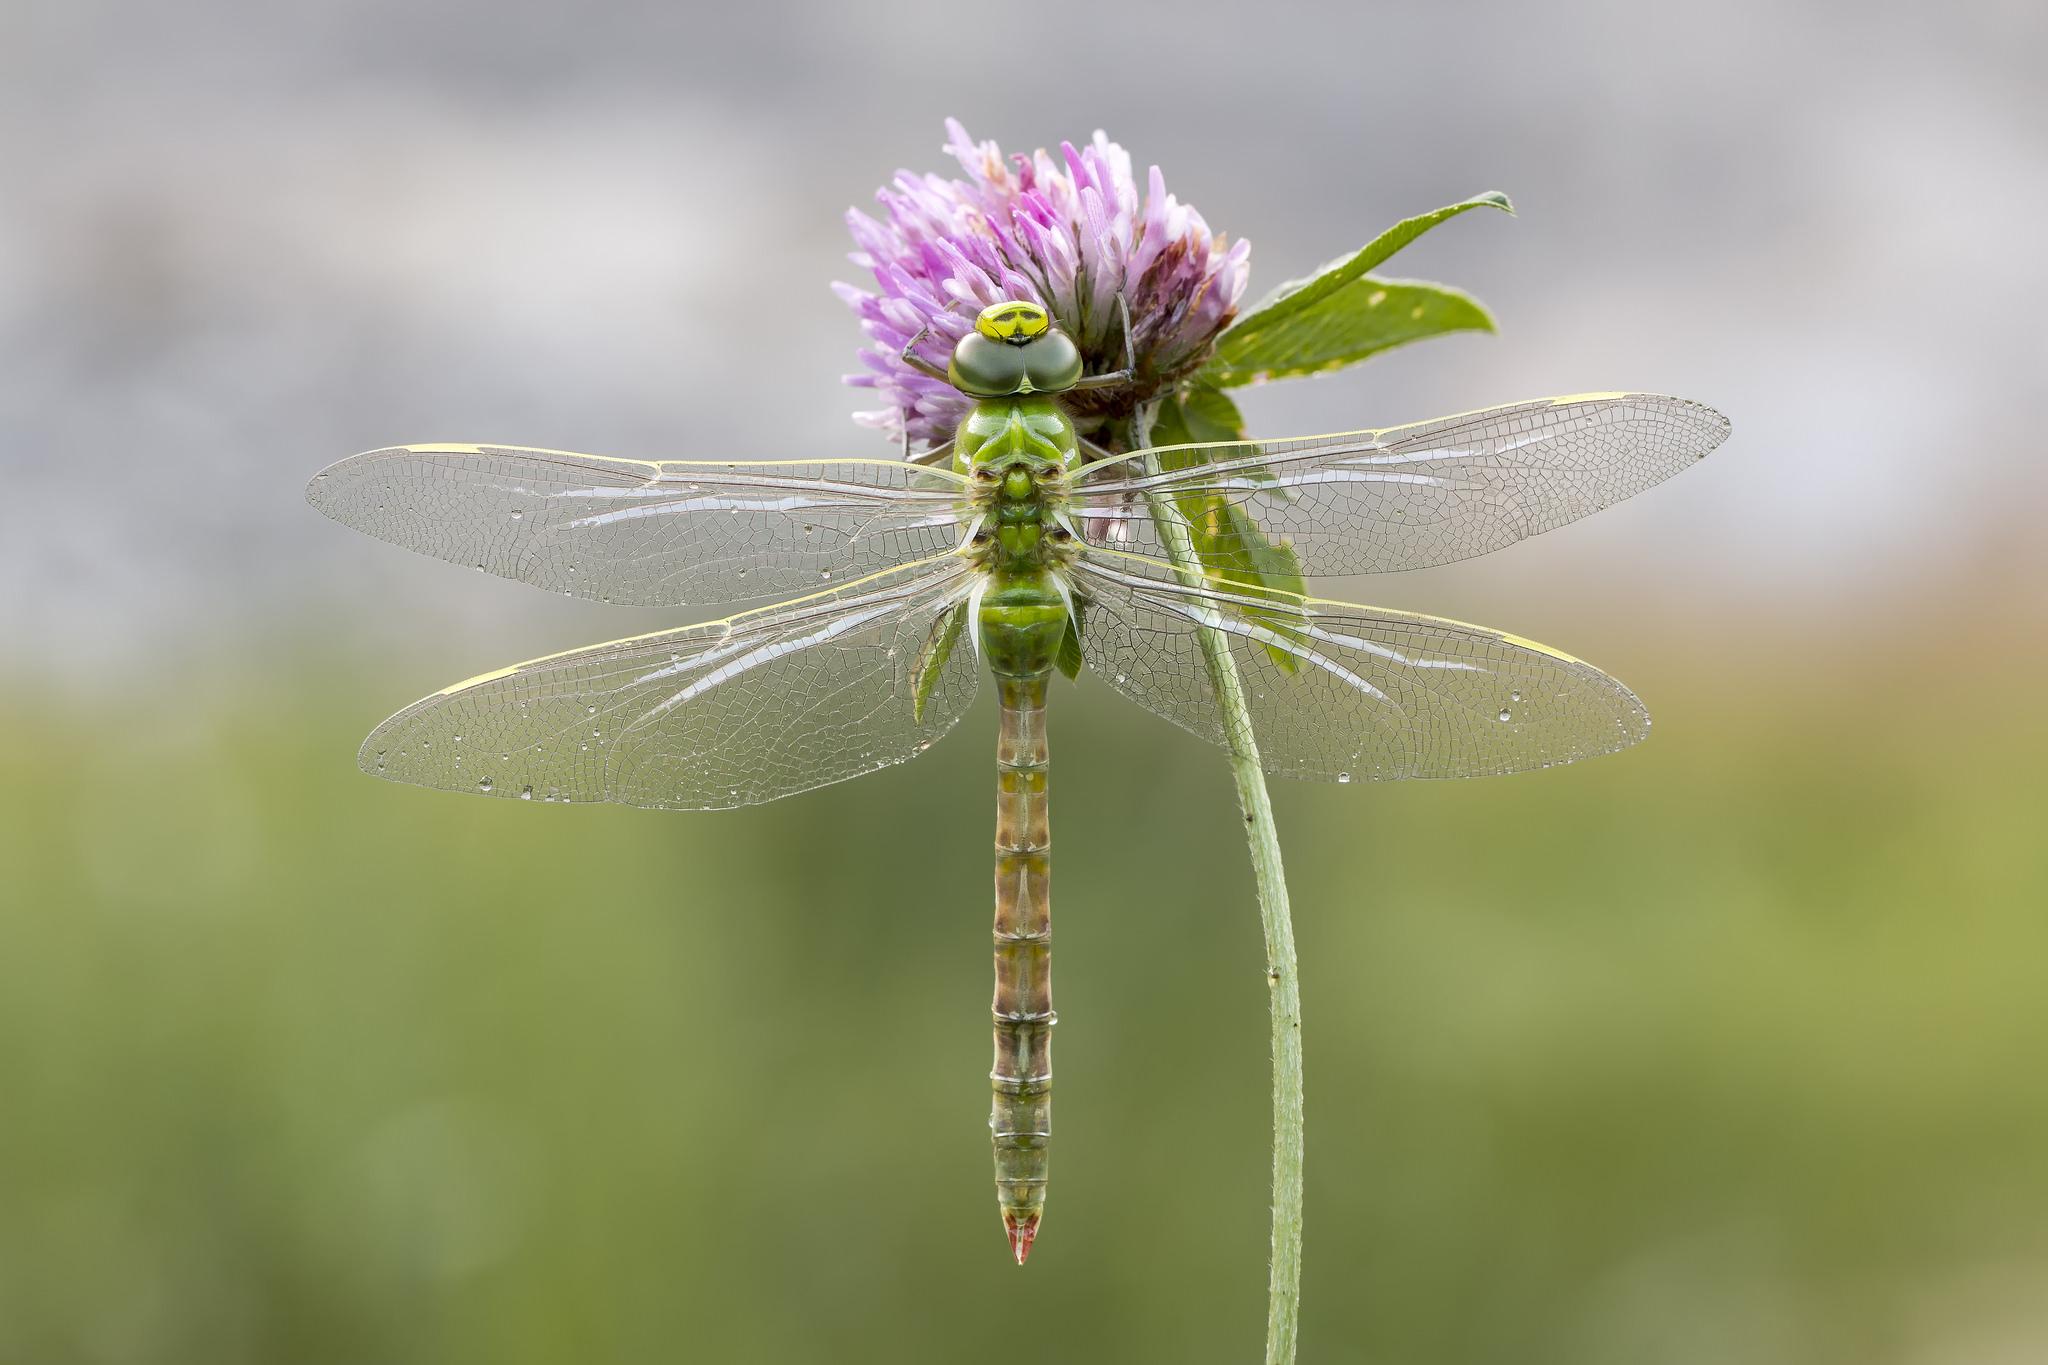 Una libélula - 2048x1365